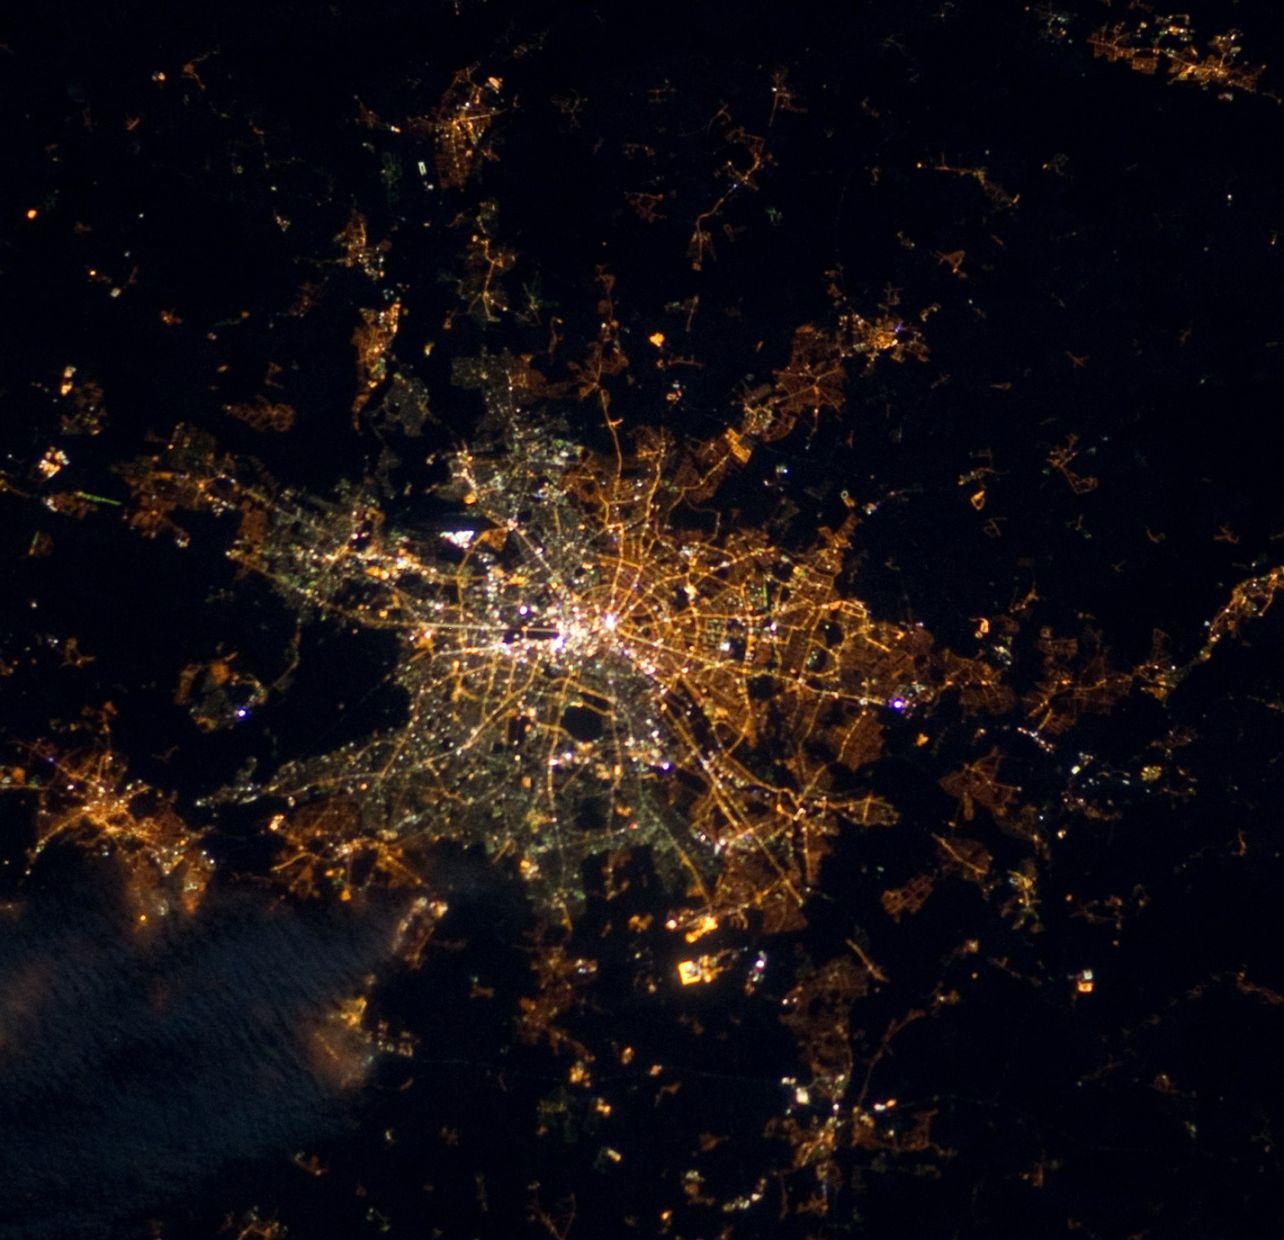 Blick aus der Internationalen Raumstation auf das nächtliche Berlin. Im Jahr 2000 verbrauchte die deutsche Hauptstadt 72.8 Millionen kWh zur Straßenbeleuchtung. Die einstige Teilung der Stadt ist immer noch sichtbar: Im Westen leuchtet immer noch viele alte, weiße Quecksilberhochdrucklampen, im Osten dagegen orangene Natriumdampflampen. Foto: Image Science & Analysis Laboratory, NASA Johnson Space Center.